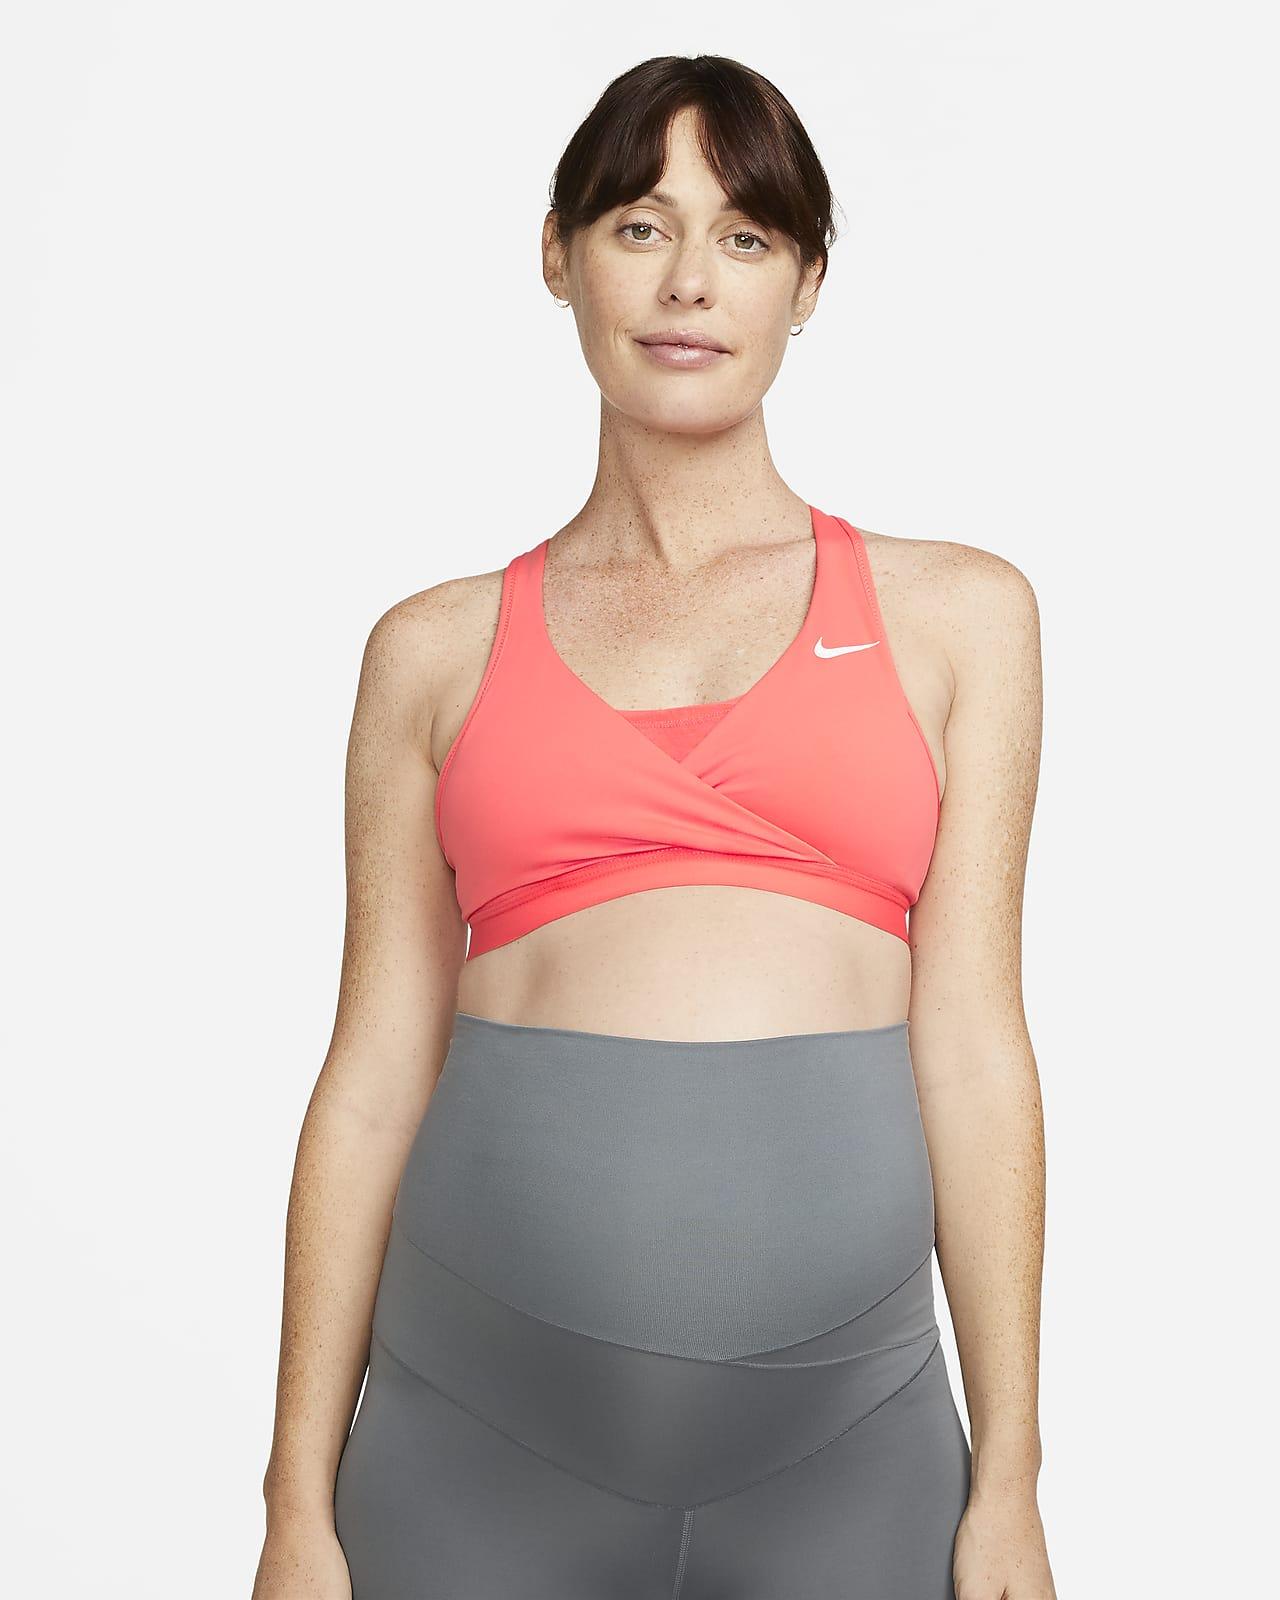 Dámská sportovní podprsenka Nike (M) Swoosh se střední oporou avycpávkami (mateřská)